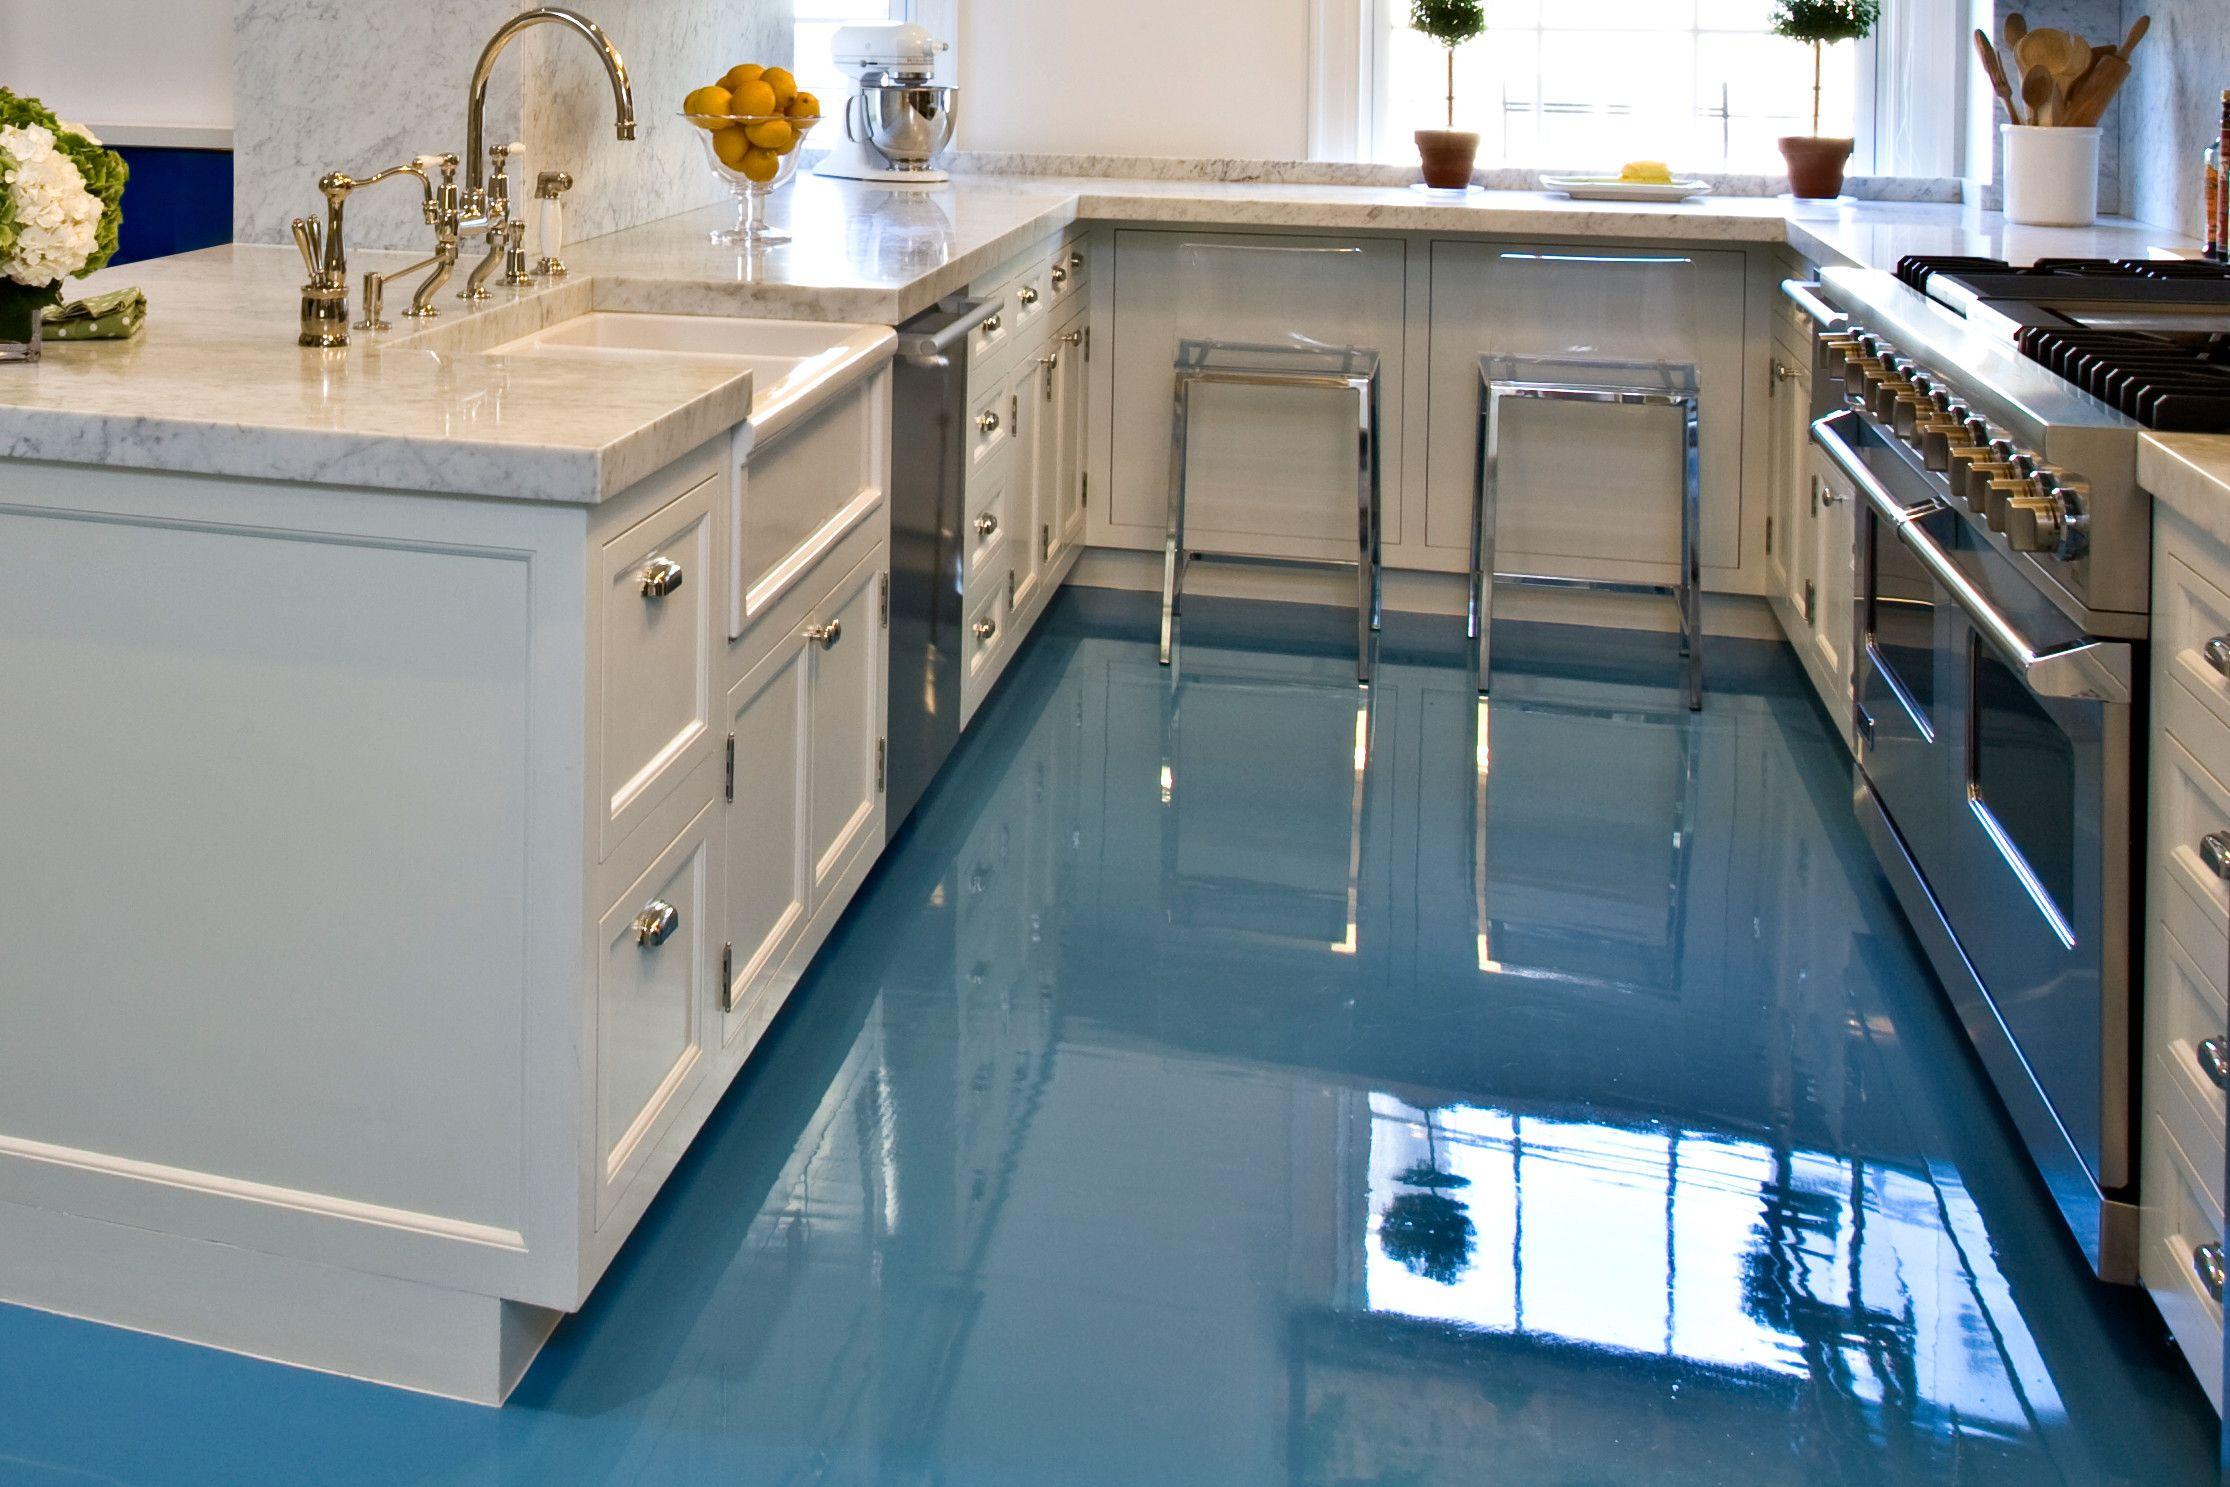 40 Beste Foto Von Epoxid Kuchenboden Ideen Kuchenboden Ideen Moderne Waschraume Und Bodengestaltung